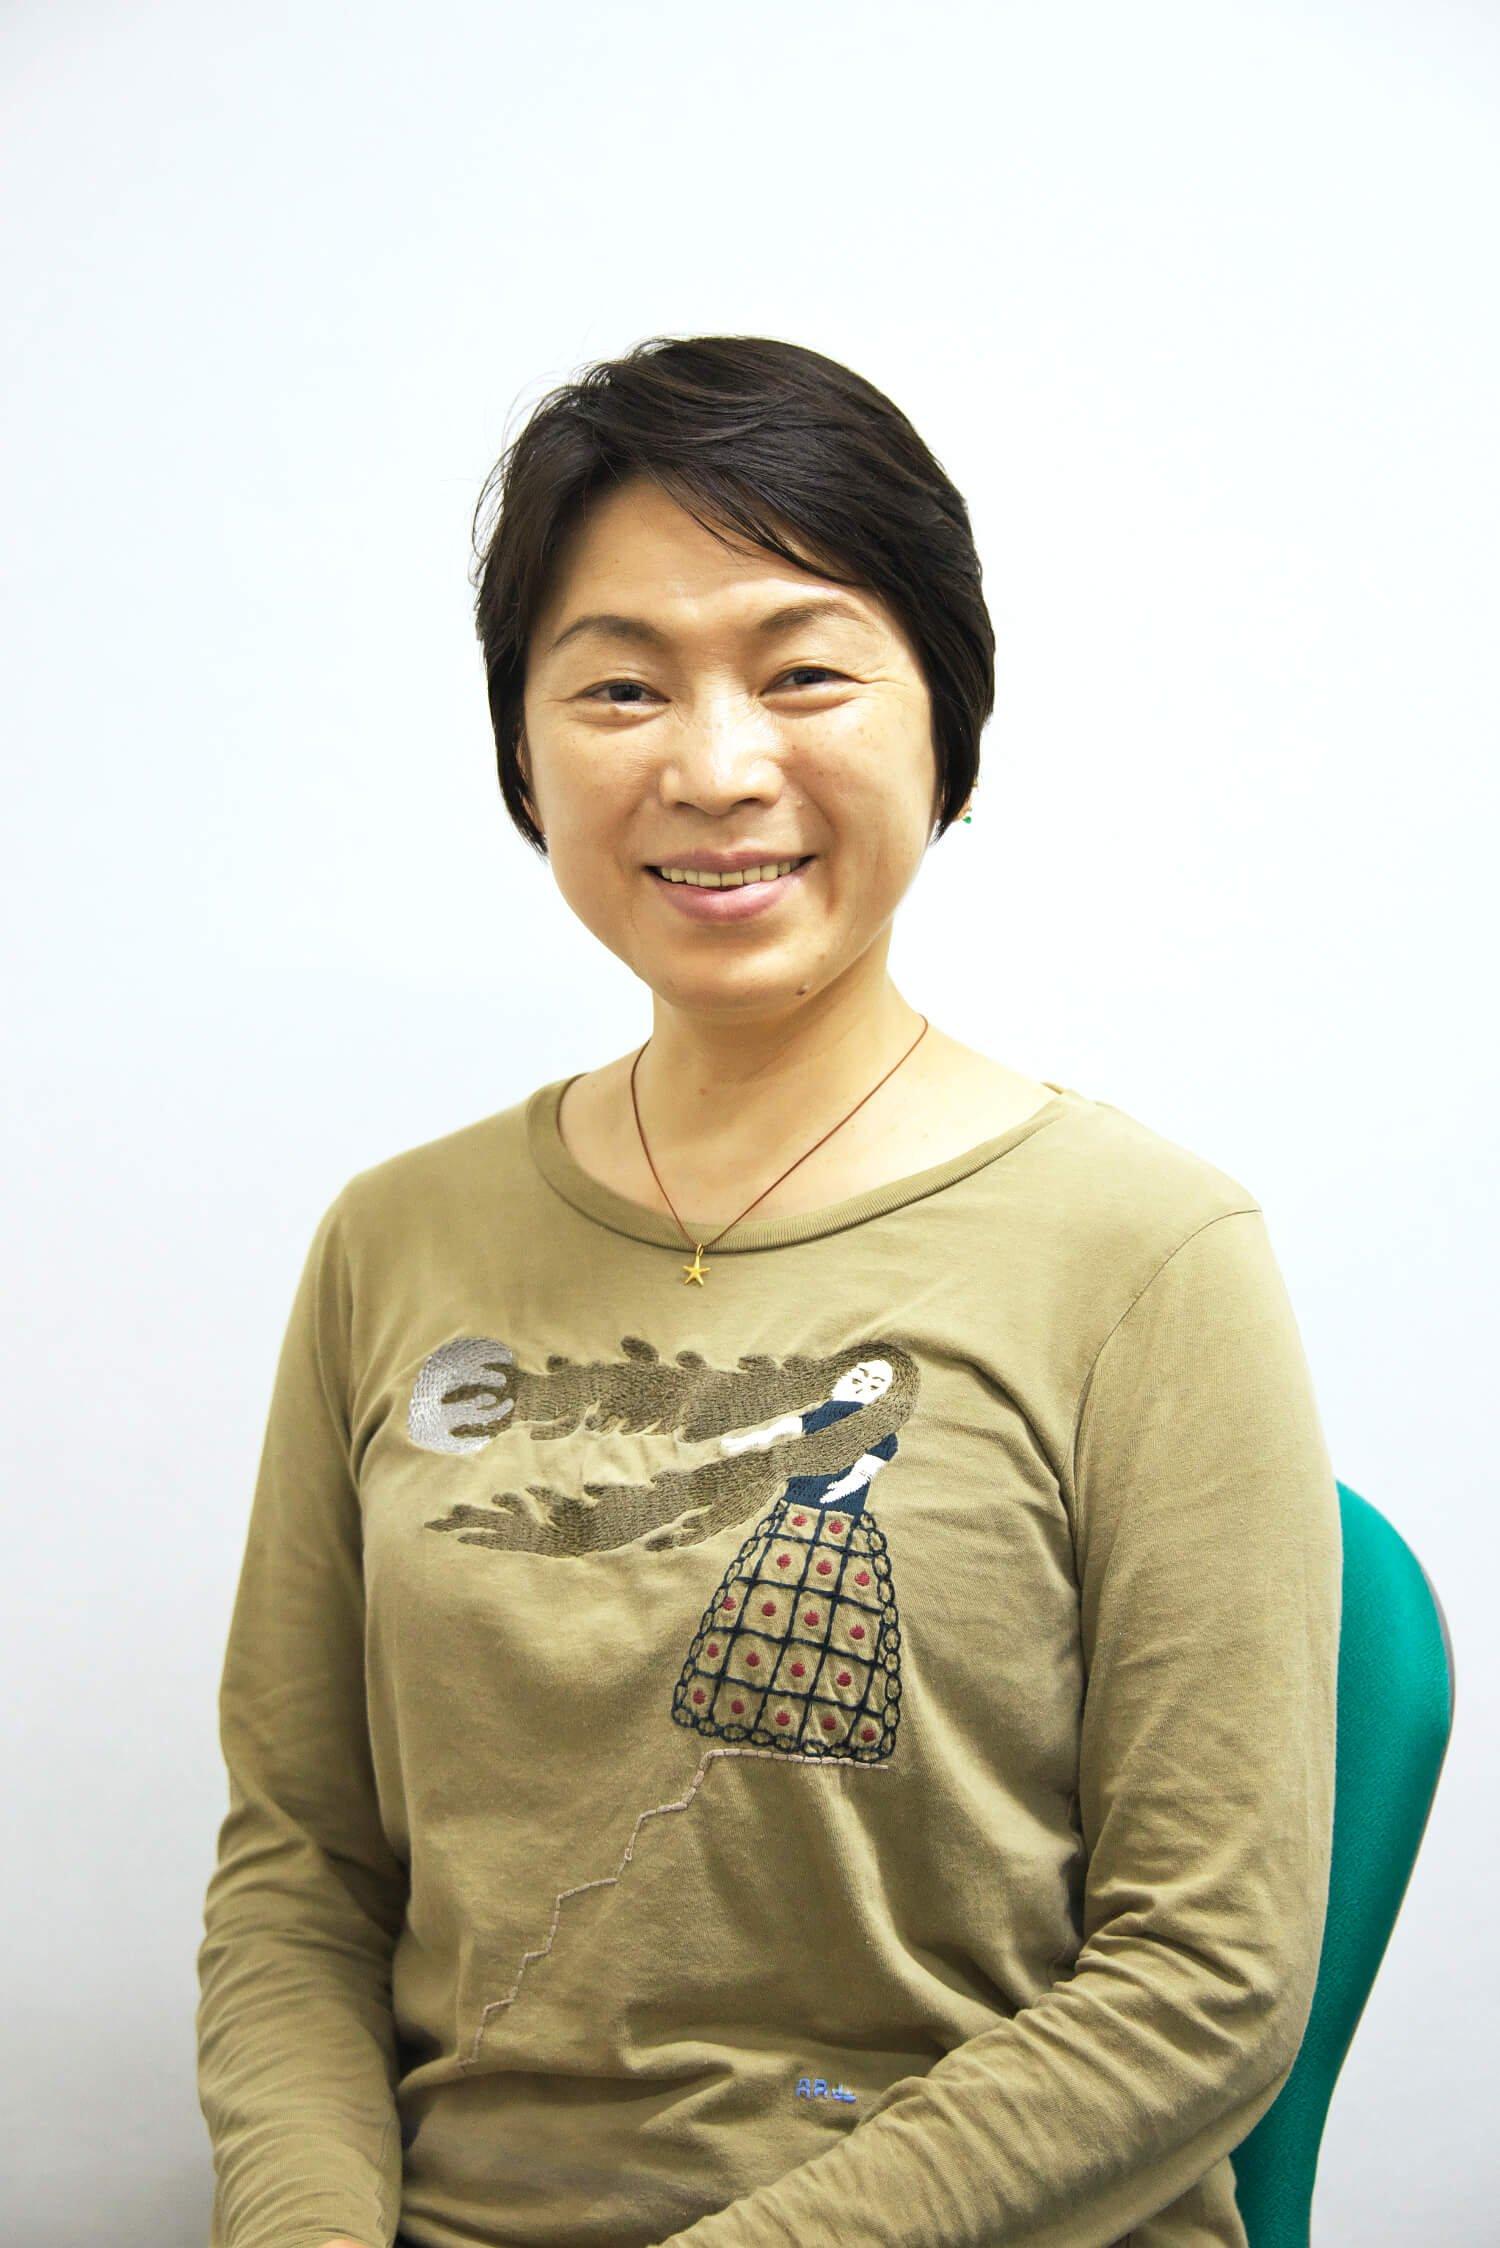 東京女子体育大学教授で新体操競技部部長の秋山エリカさん。1984年ロサンゼルス五輪、88年ソウル五輪に個人選手として出場した第一人者。